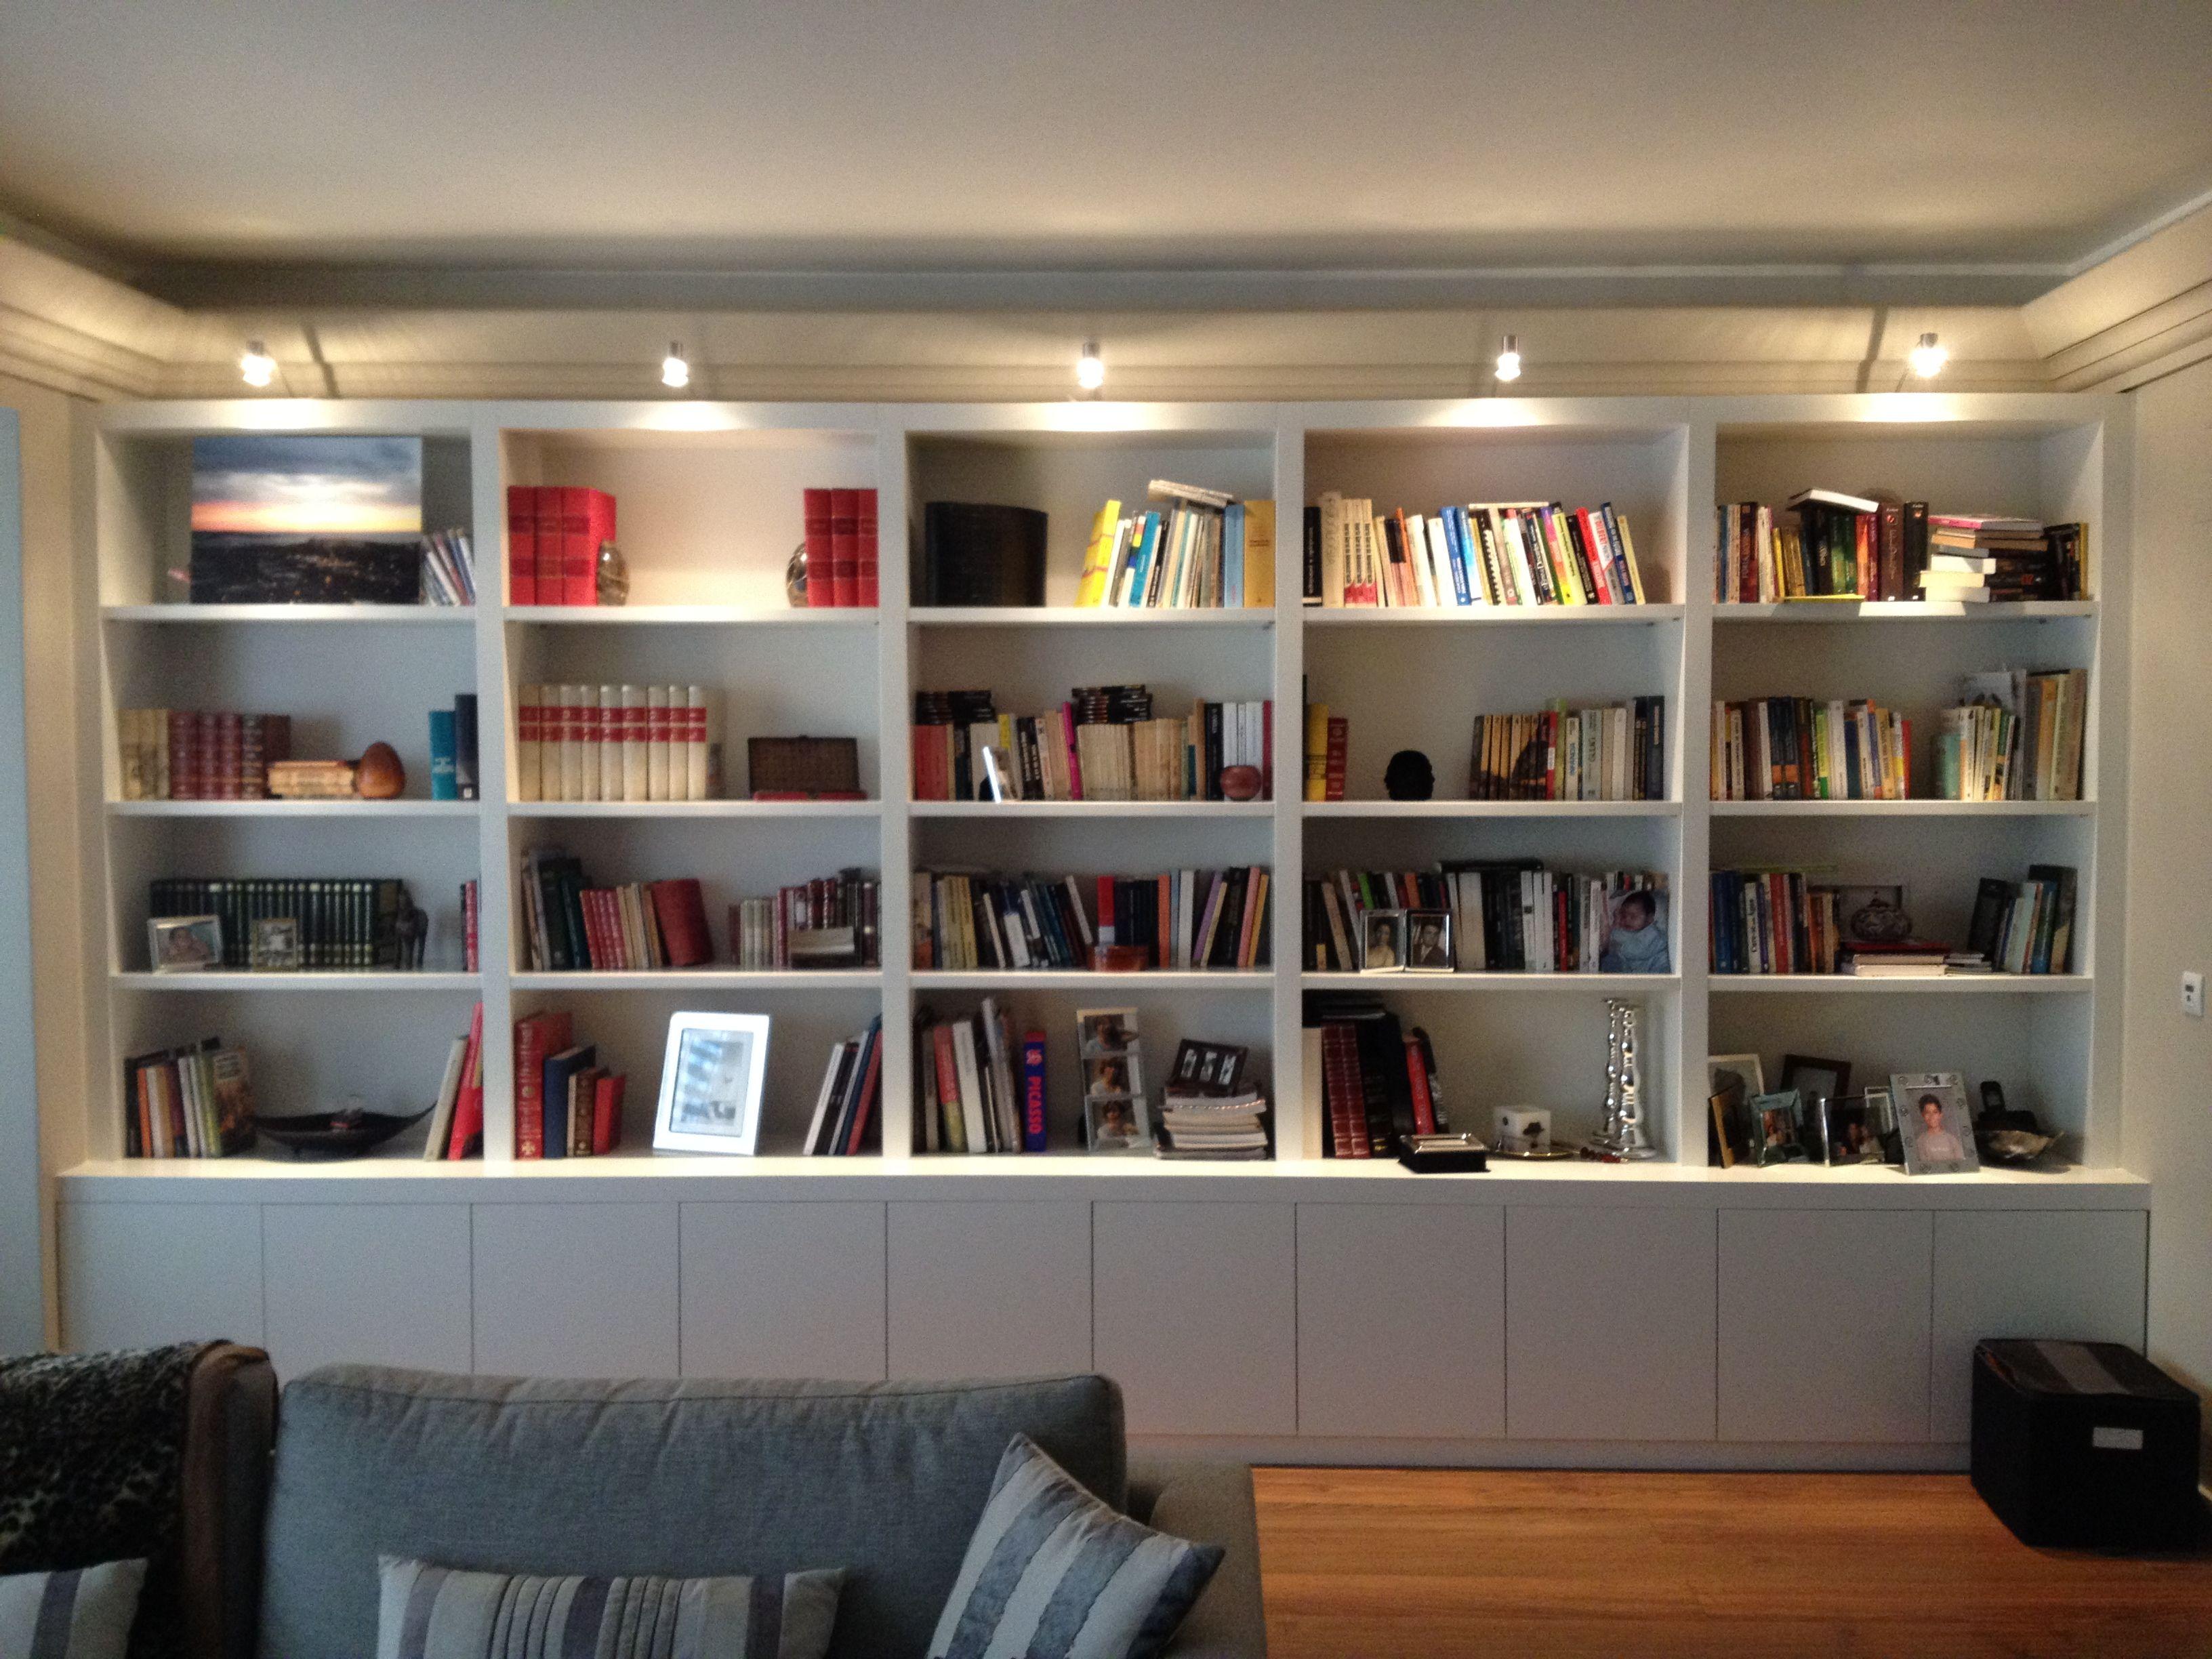 Cliente Particular Bookshelvesshelvingbespokebookcasesshelvescustom